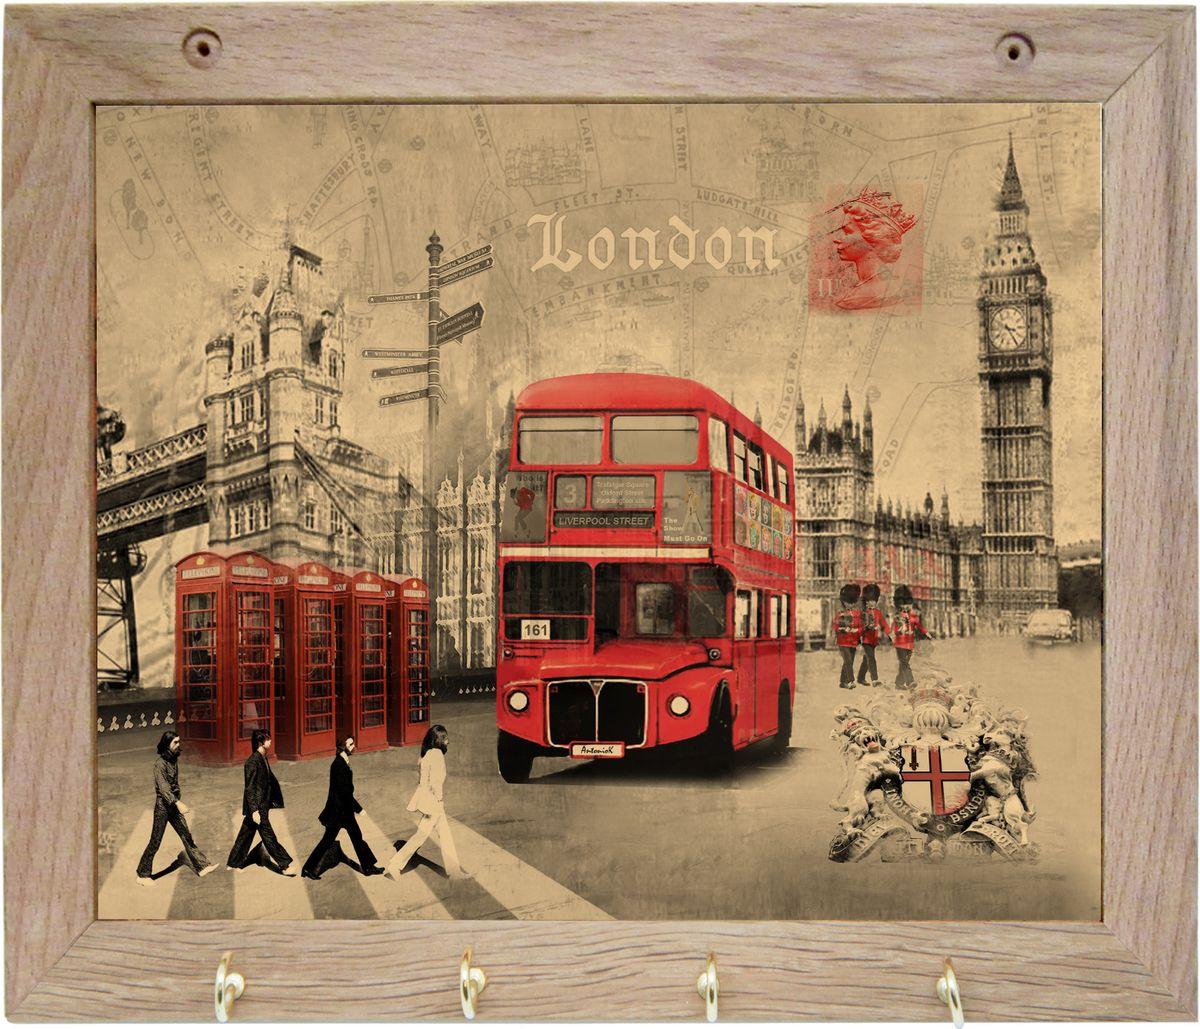 Вешалка GiftnHome Лондон, с 4 крючками, 20 х 25 смTH-LondonВешалка GiftnHome Лондон в стиле Art-Casual изготовлена из натурального дерева в комбинации с модными цветными принтами на корпусе от Креативной студии AntonioK. Вешалка снабжена 4 металлическими крючками для подвешивания аксессуаров, полотенец, прихваток и другого текстиля. Это изделие больше, чем просто вешалка, оно несет интерьерное решение, задает настроение и стиль на вашей кухне, столовой или дачной веранде. Art-Casual значит буквально повседневное искусство. Это новый стиль предложения обычных домашних аксессуаров в качестве элементов, задающих стиль и шарм окружающего пространства. Уникальное сочетание привычной функциональности и декоративной, интерьерной функции - это актуальная, современная тенденция от прогрессивных производителей товаров для дома.